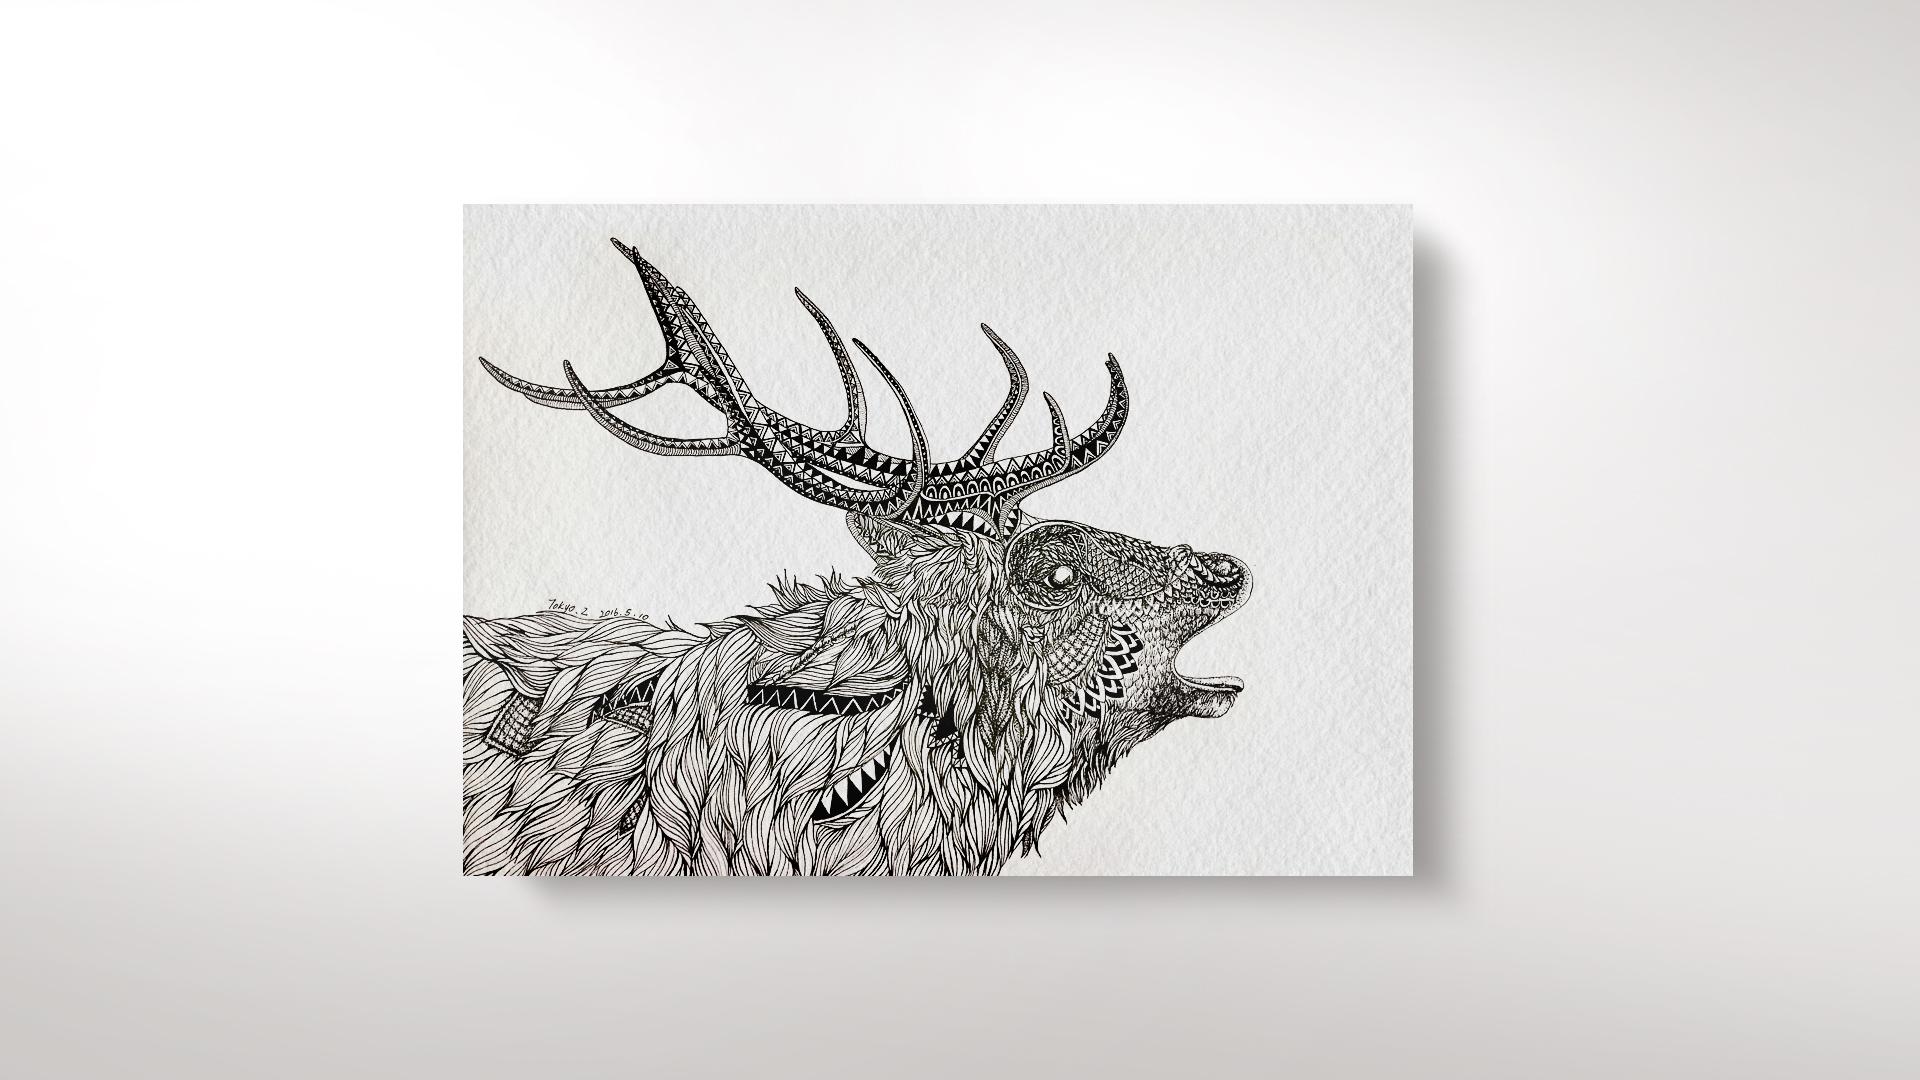 手绘麋鹿壁纸高清图片